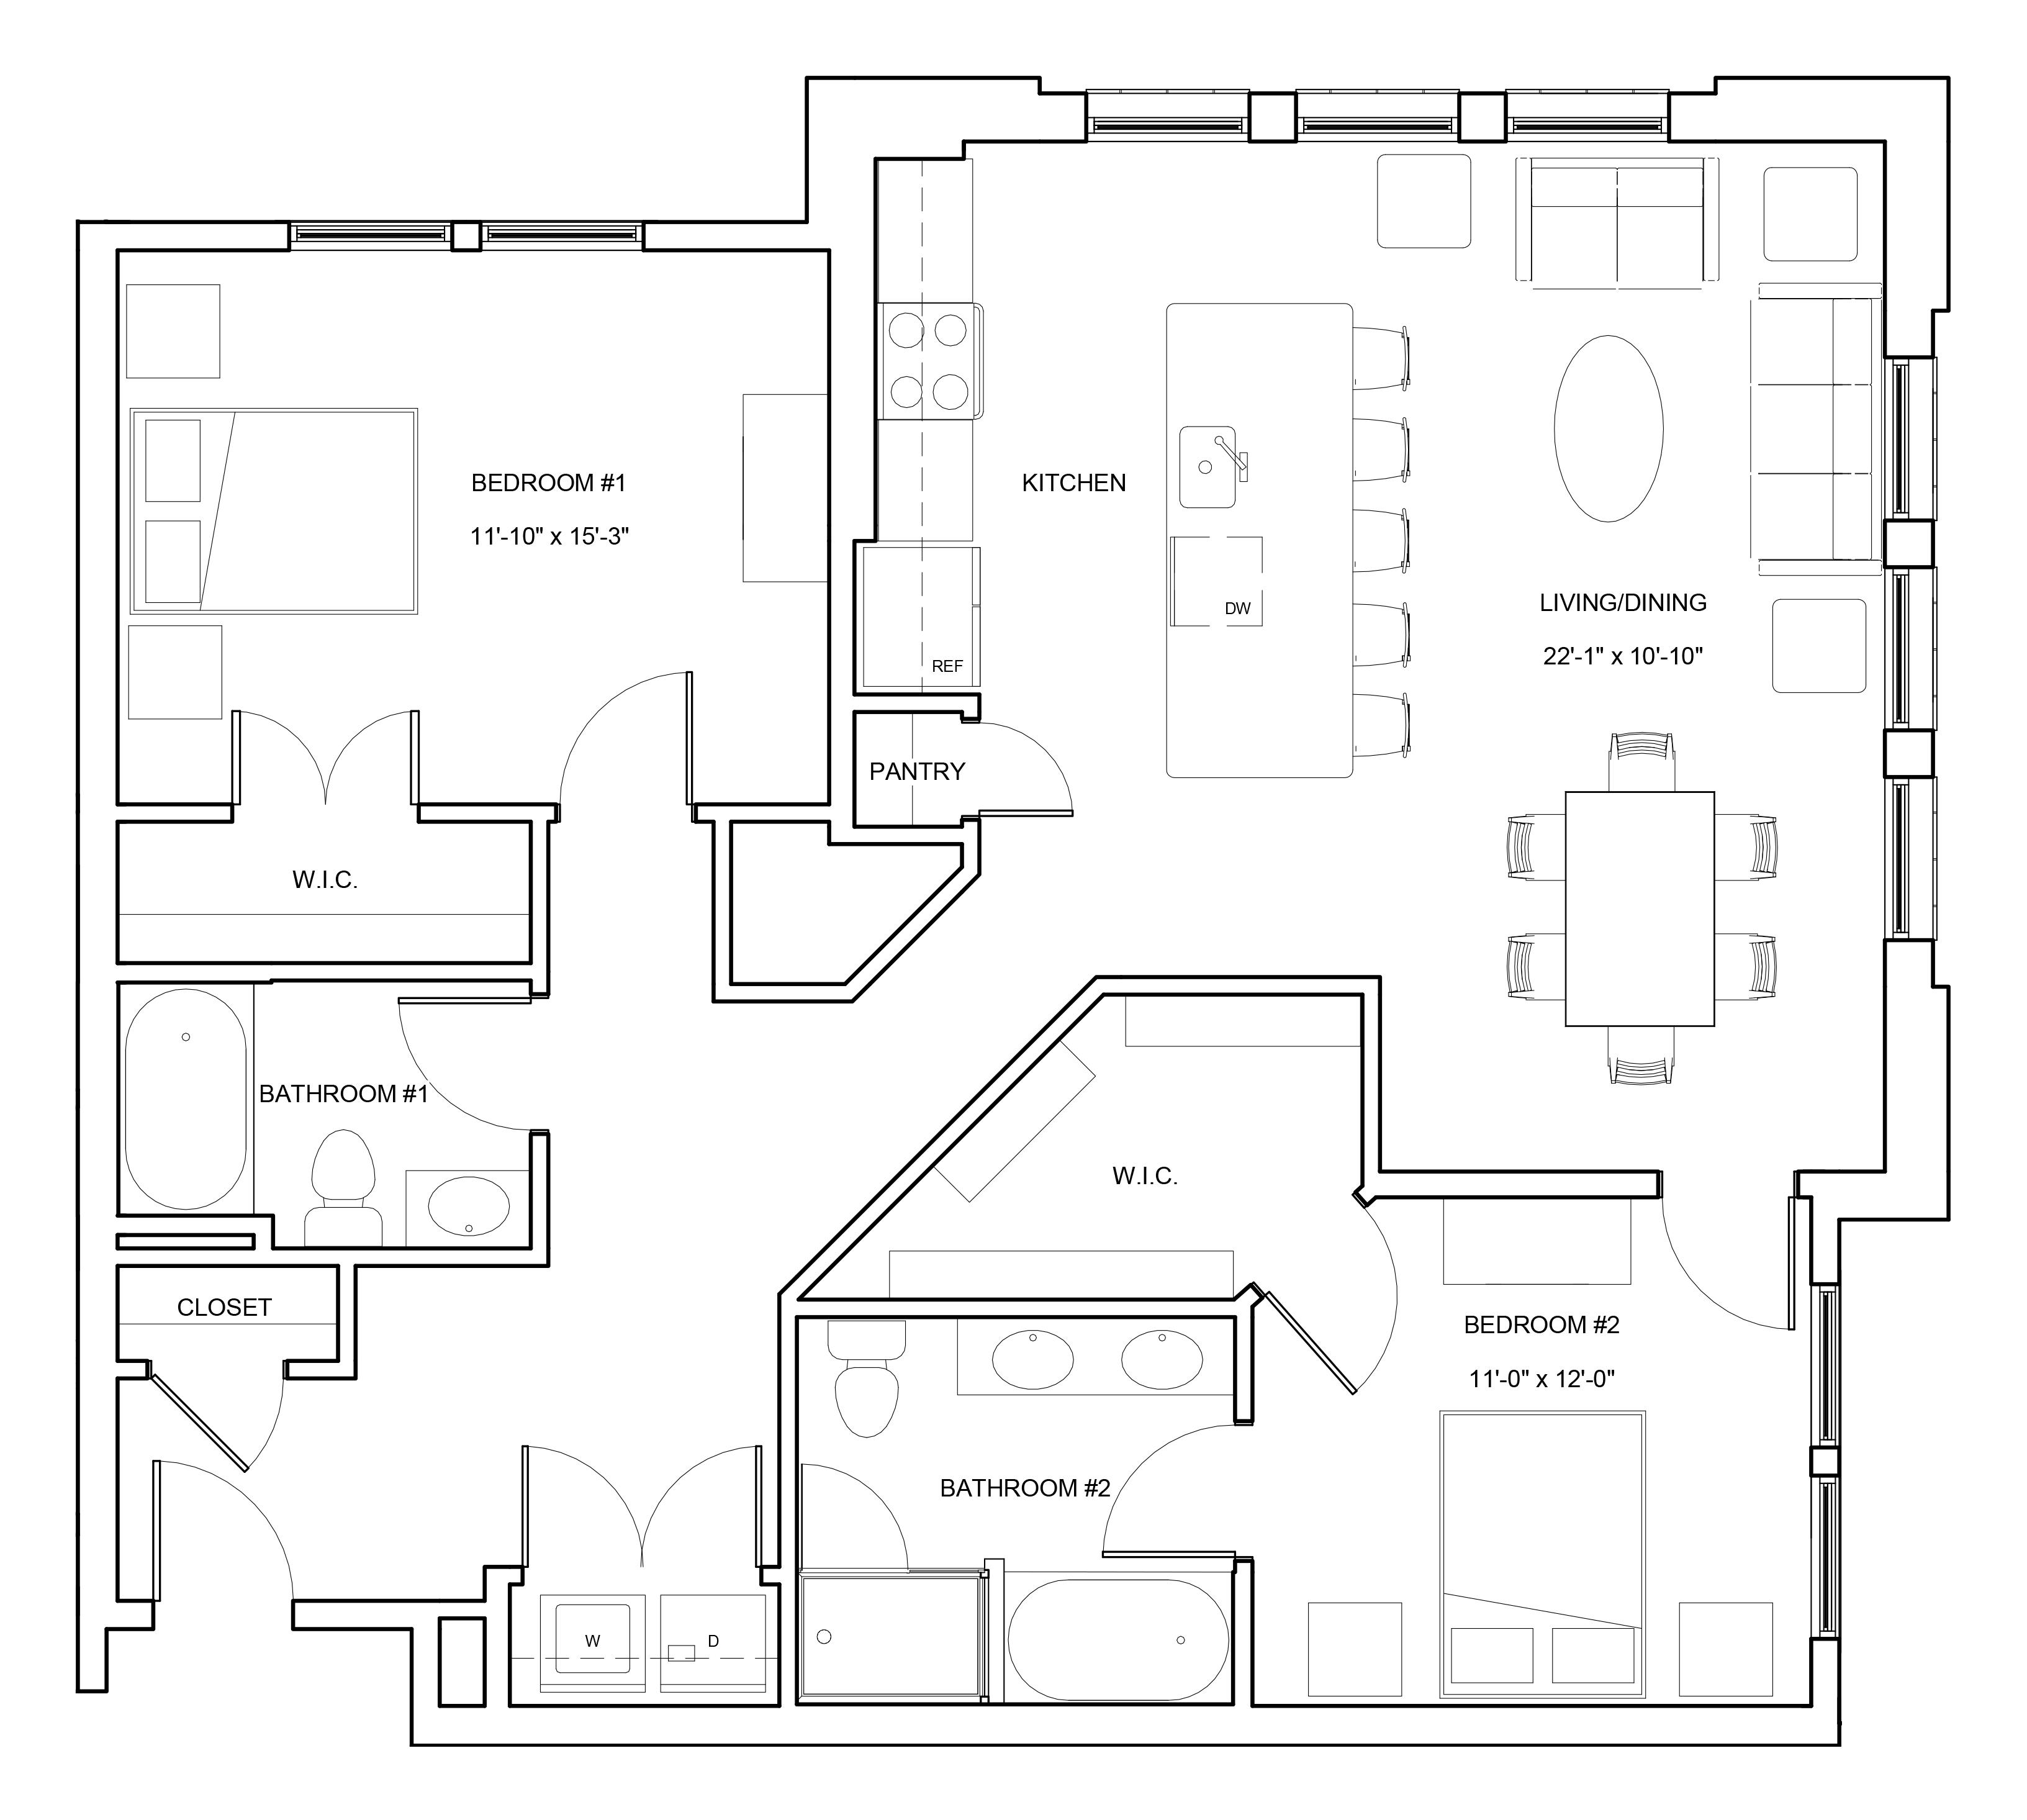 P0663804 b4 2 floorplan